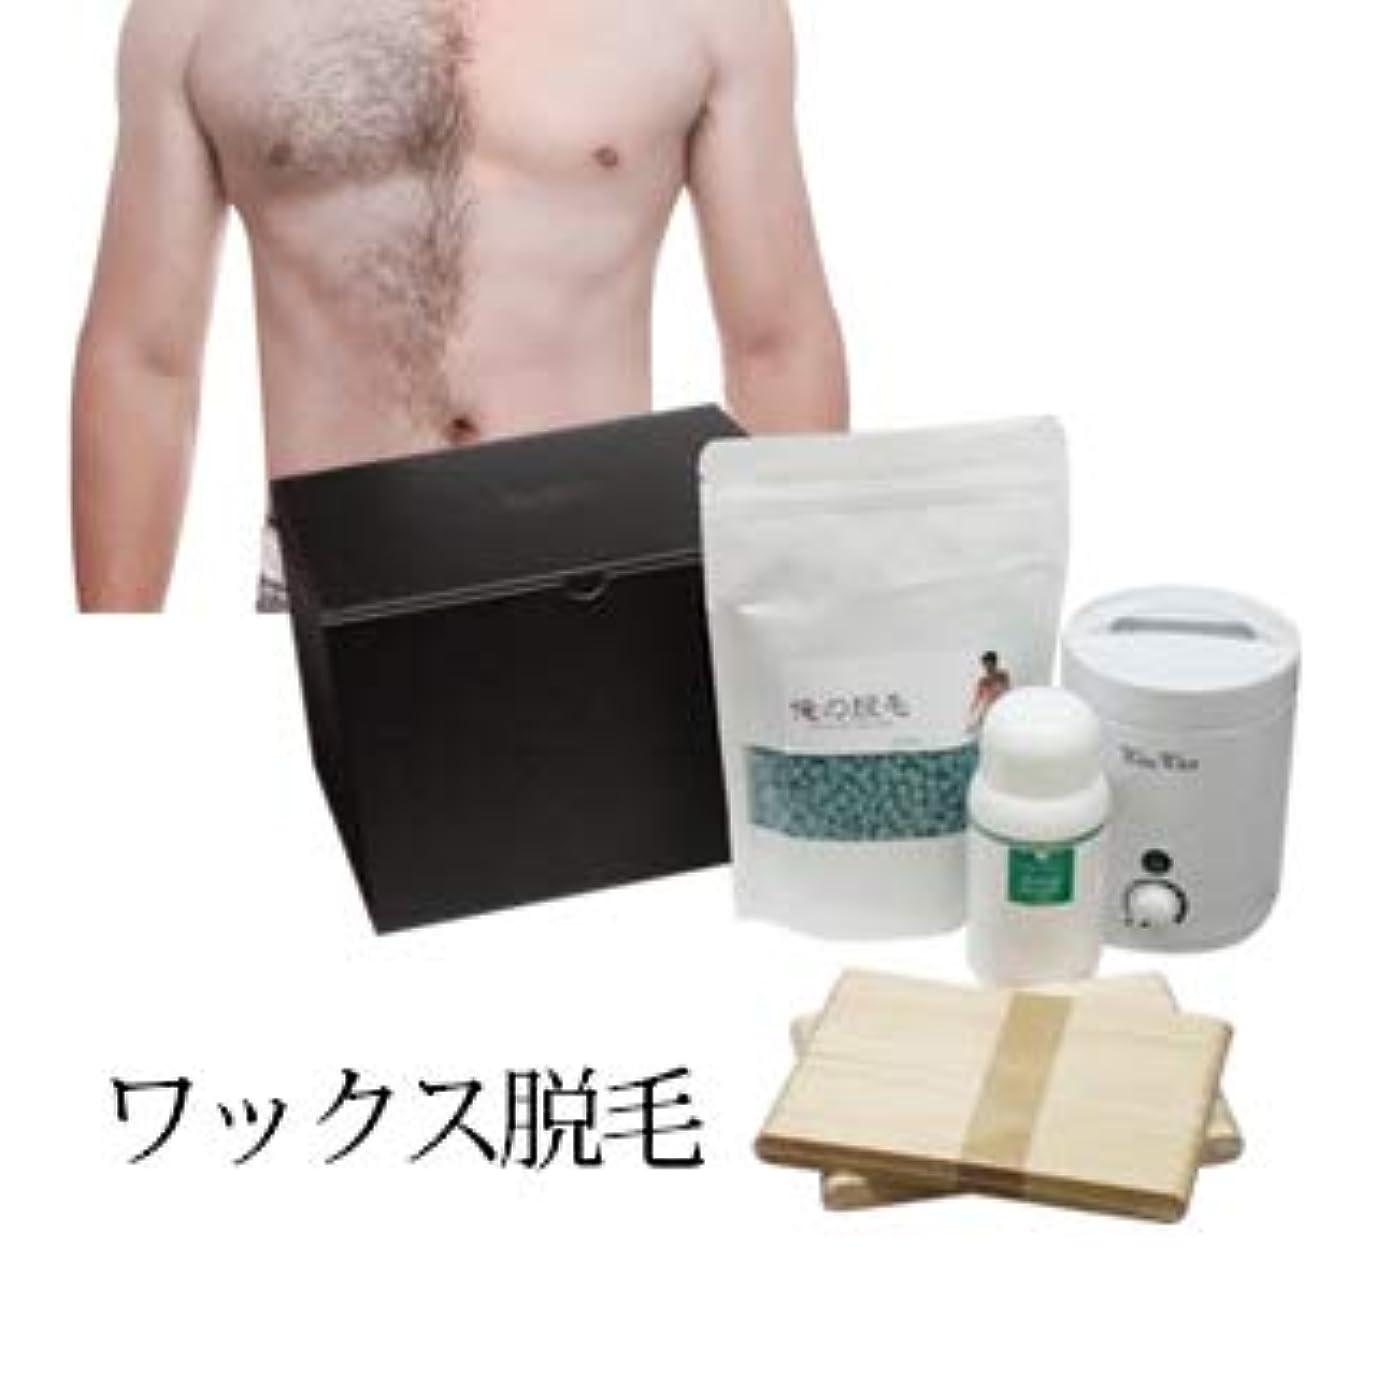 受信わな投票【メンズ 俺の脱毛】WaxWax ワックス脱毛キット